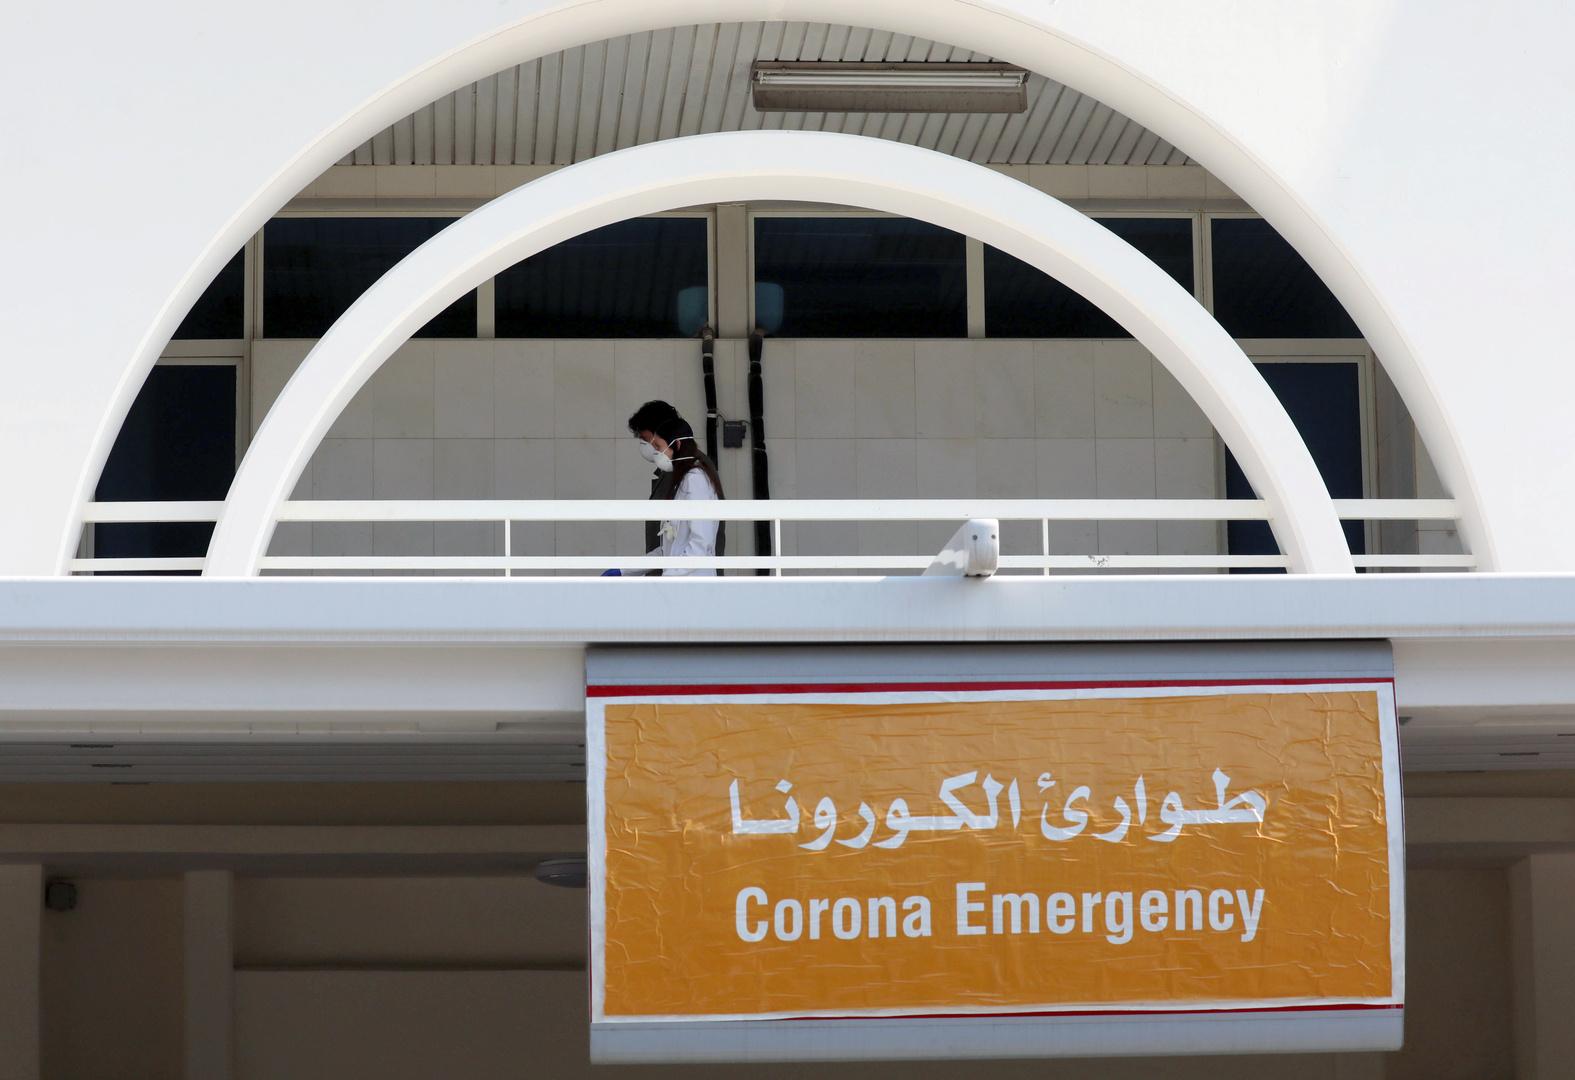 رئيس لجنة الصحة البرلمانية اللبنانية يدعو رئيس البلاد لإعلان حالة